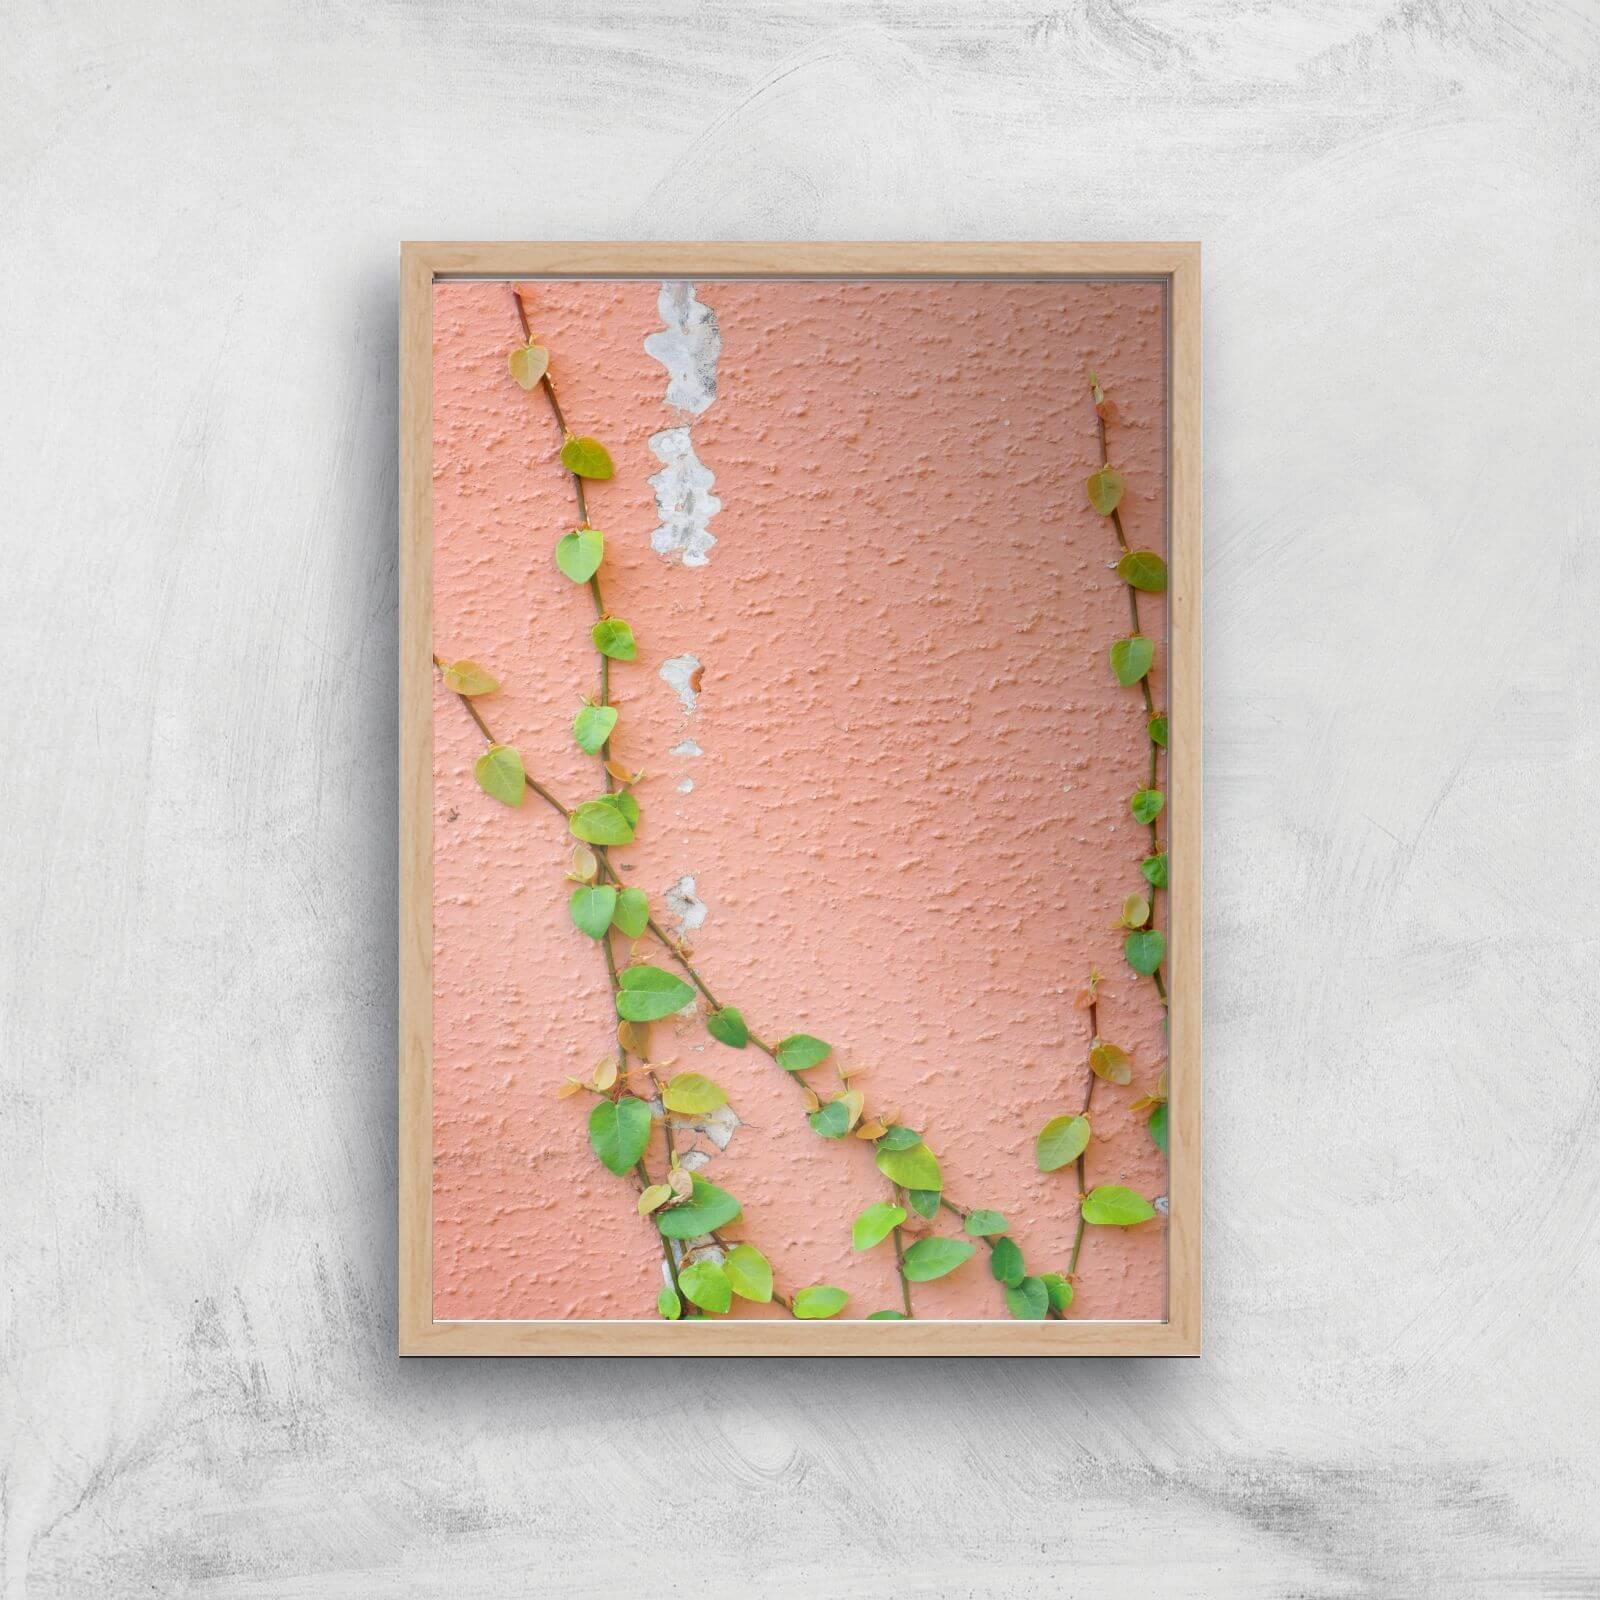 Climbing Ivy Giclee Art Print   A4   Wooden Frame